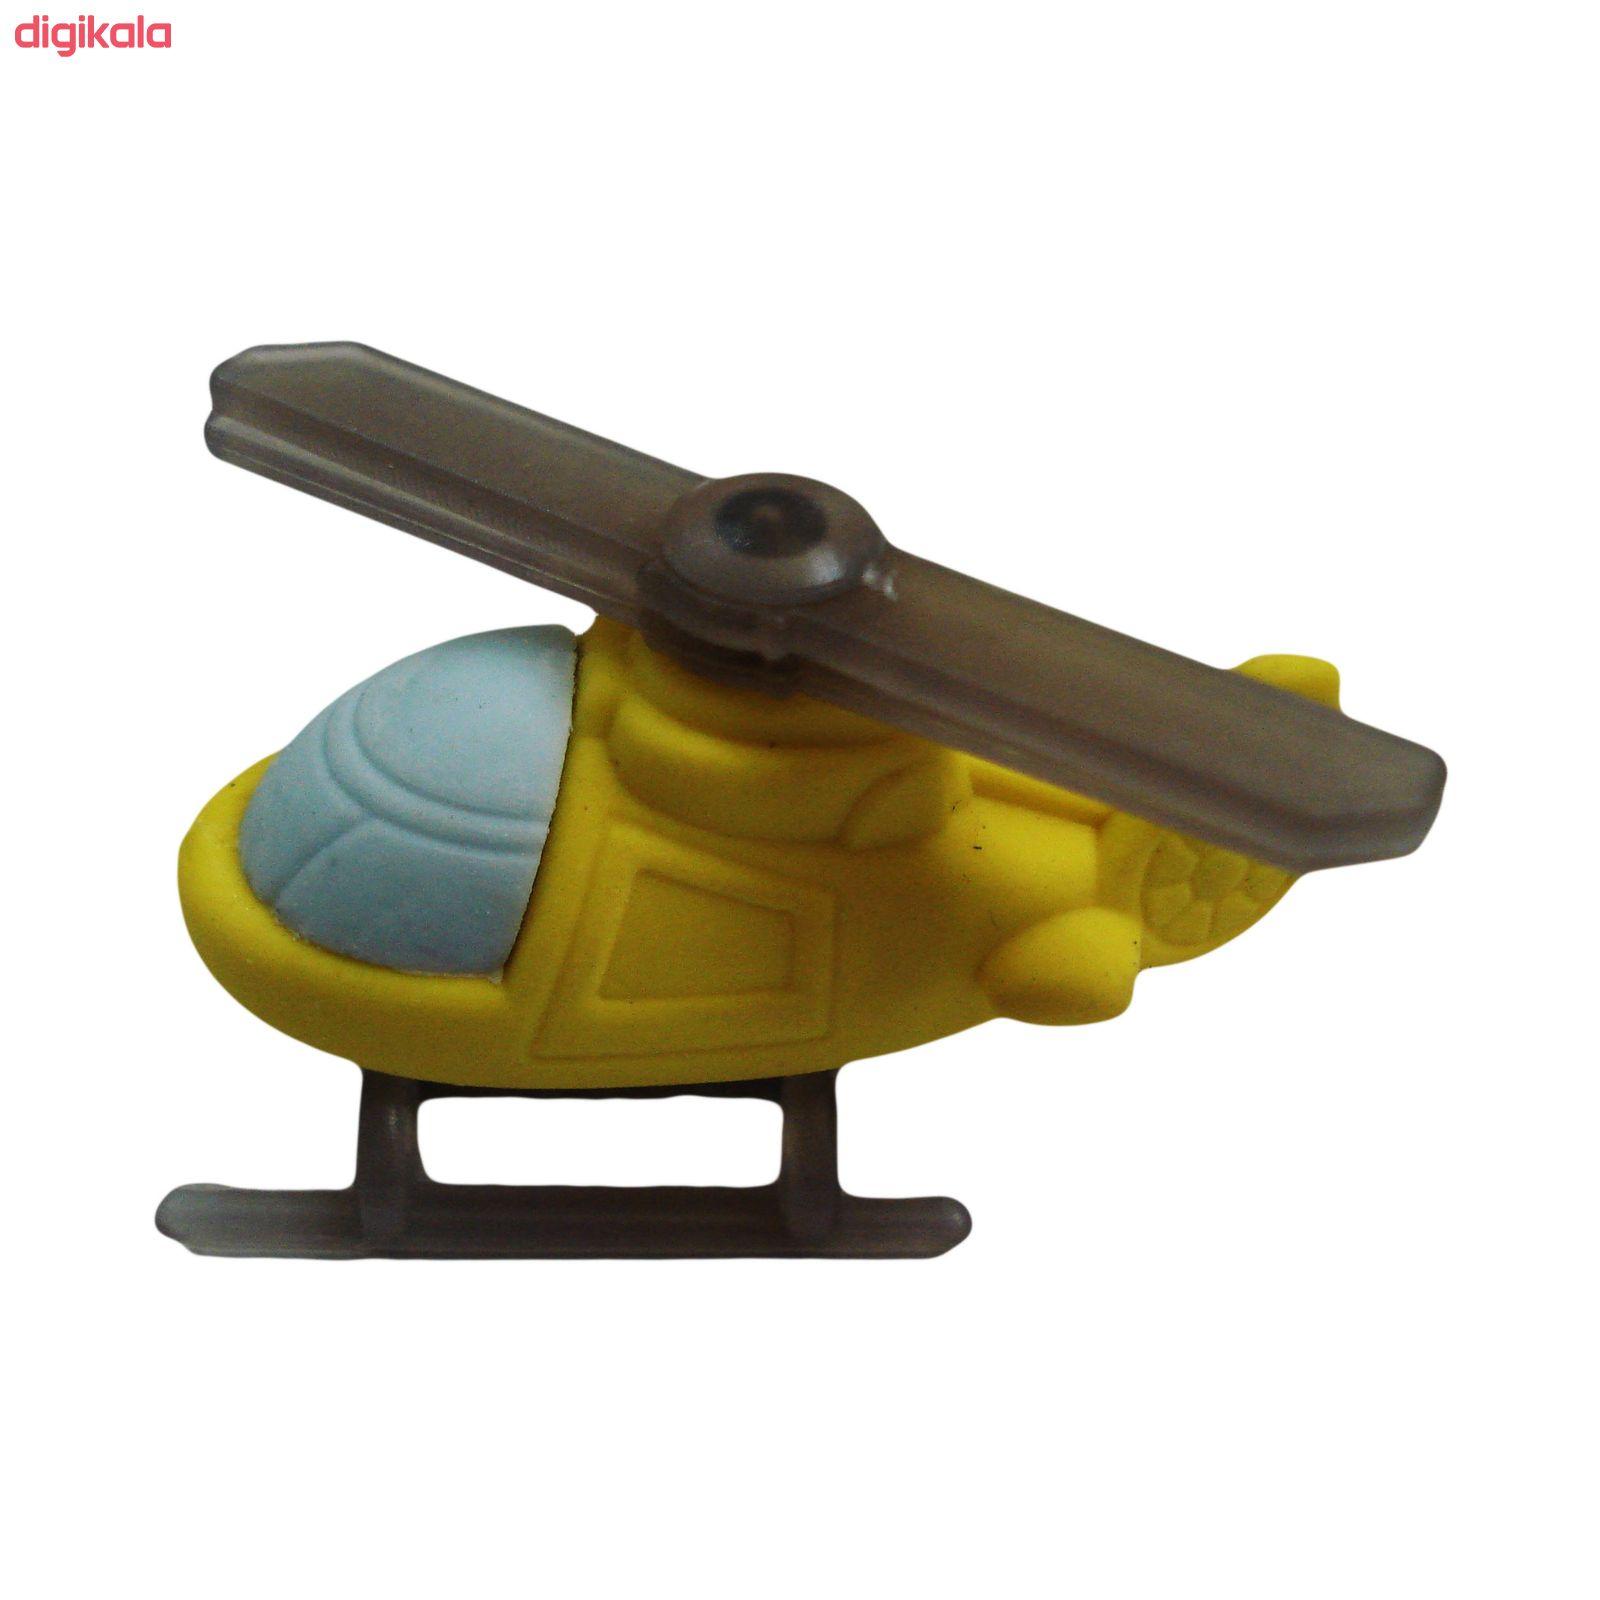 پاک کن طرح هلیکوپتر کد HK-880  main 1 1